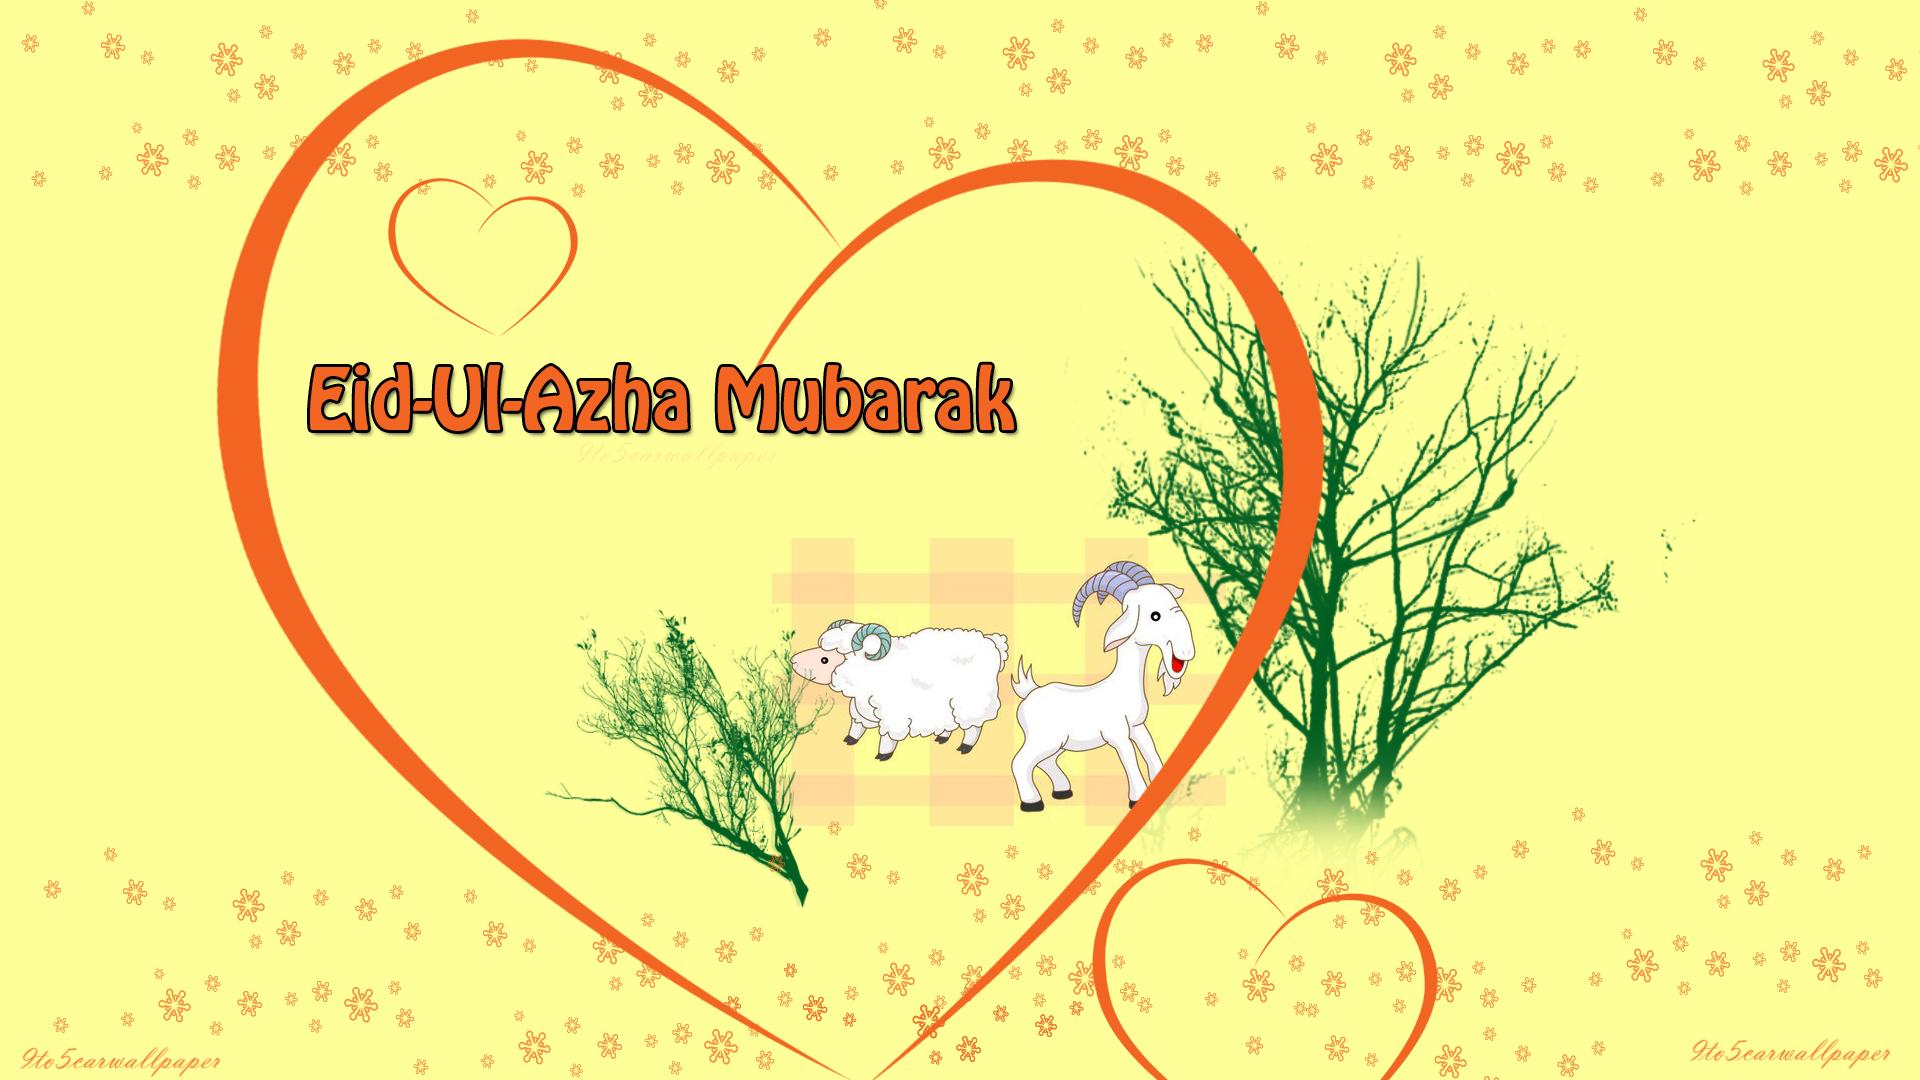 Eid Ul Azha Greetings Amp Wallpapers 2017 My Site